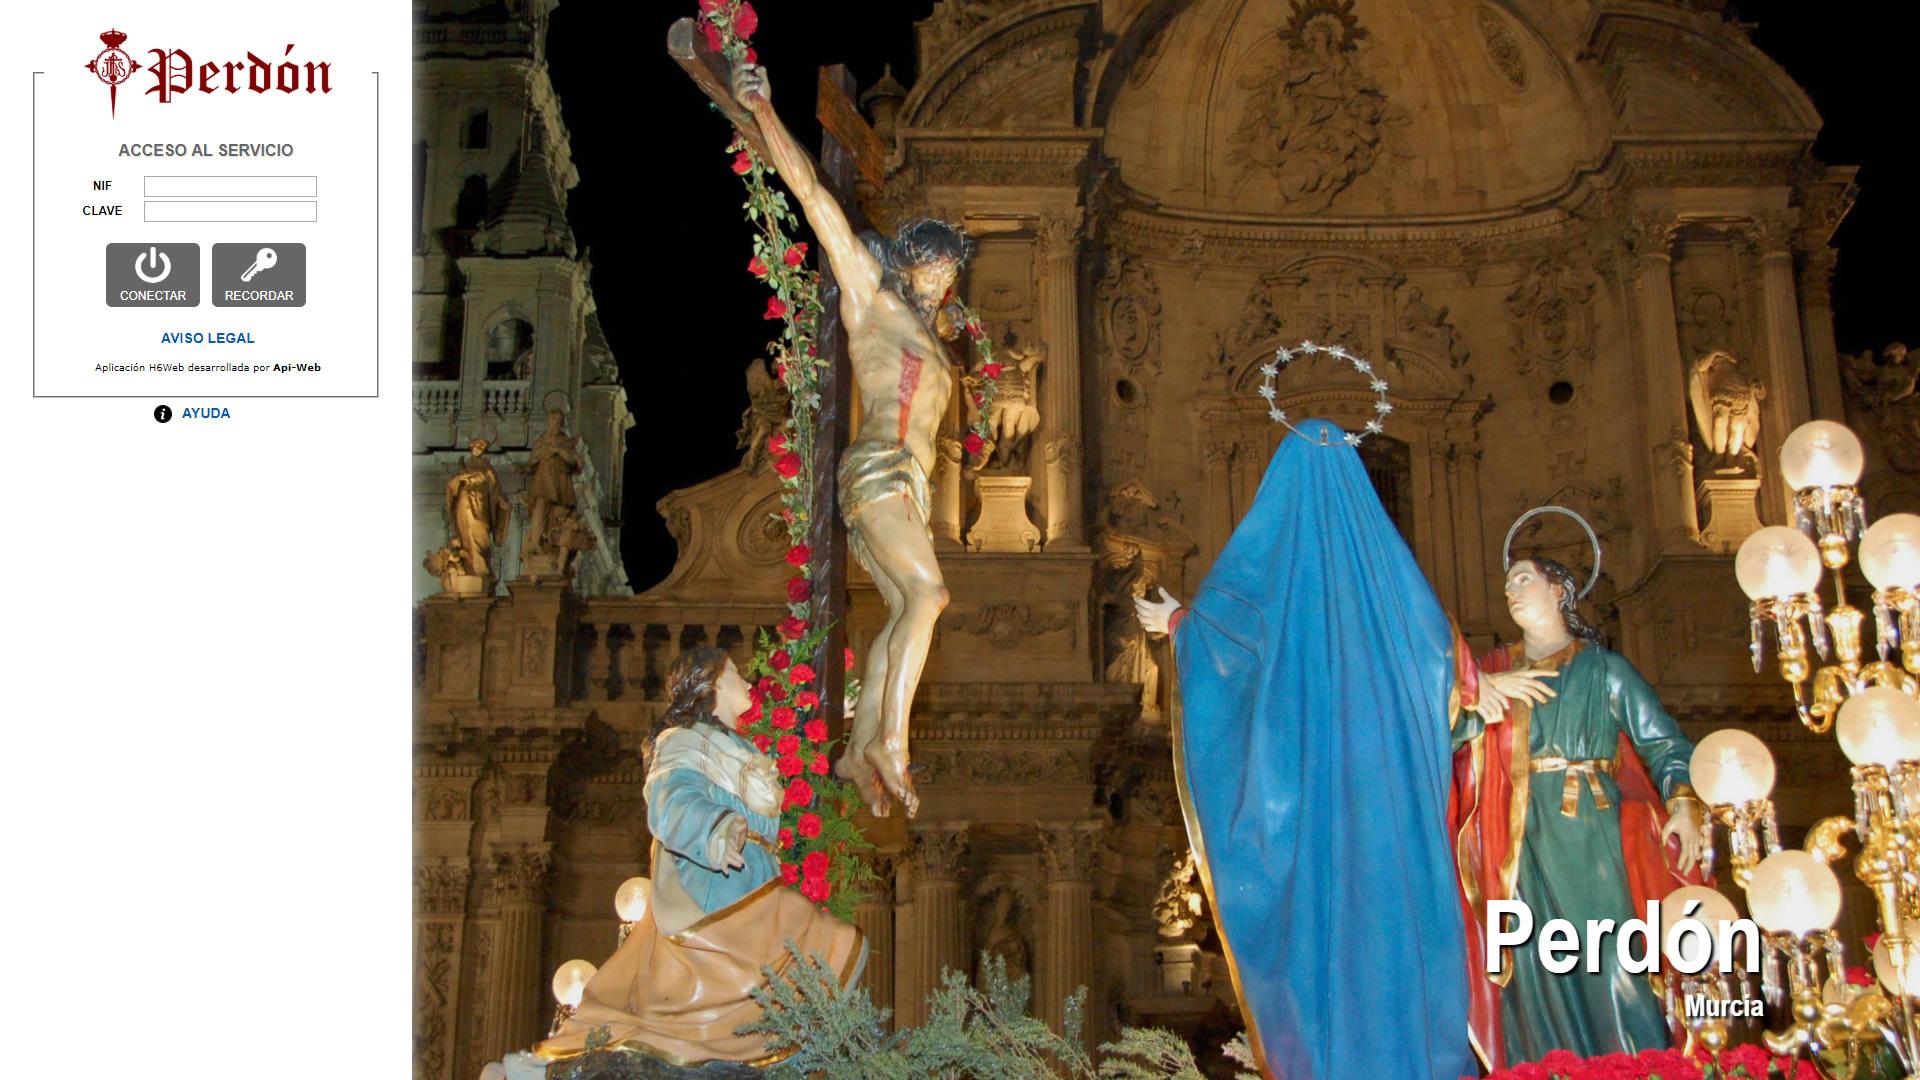 H6Web: Cofradía del Perdón (Murcia)